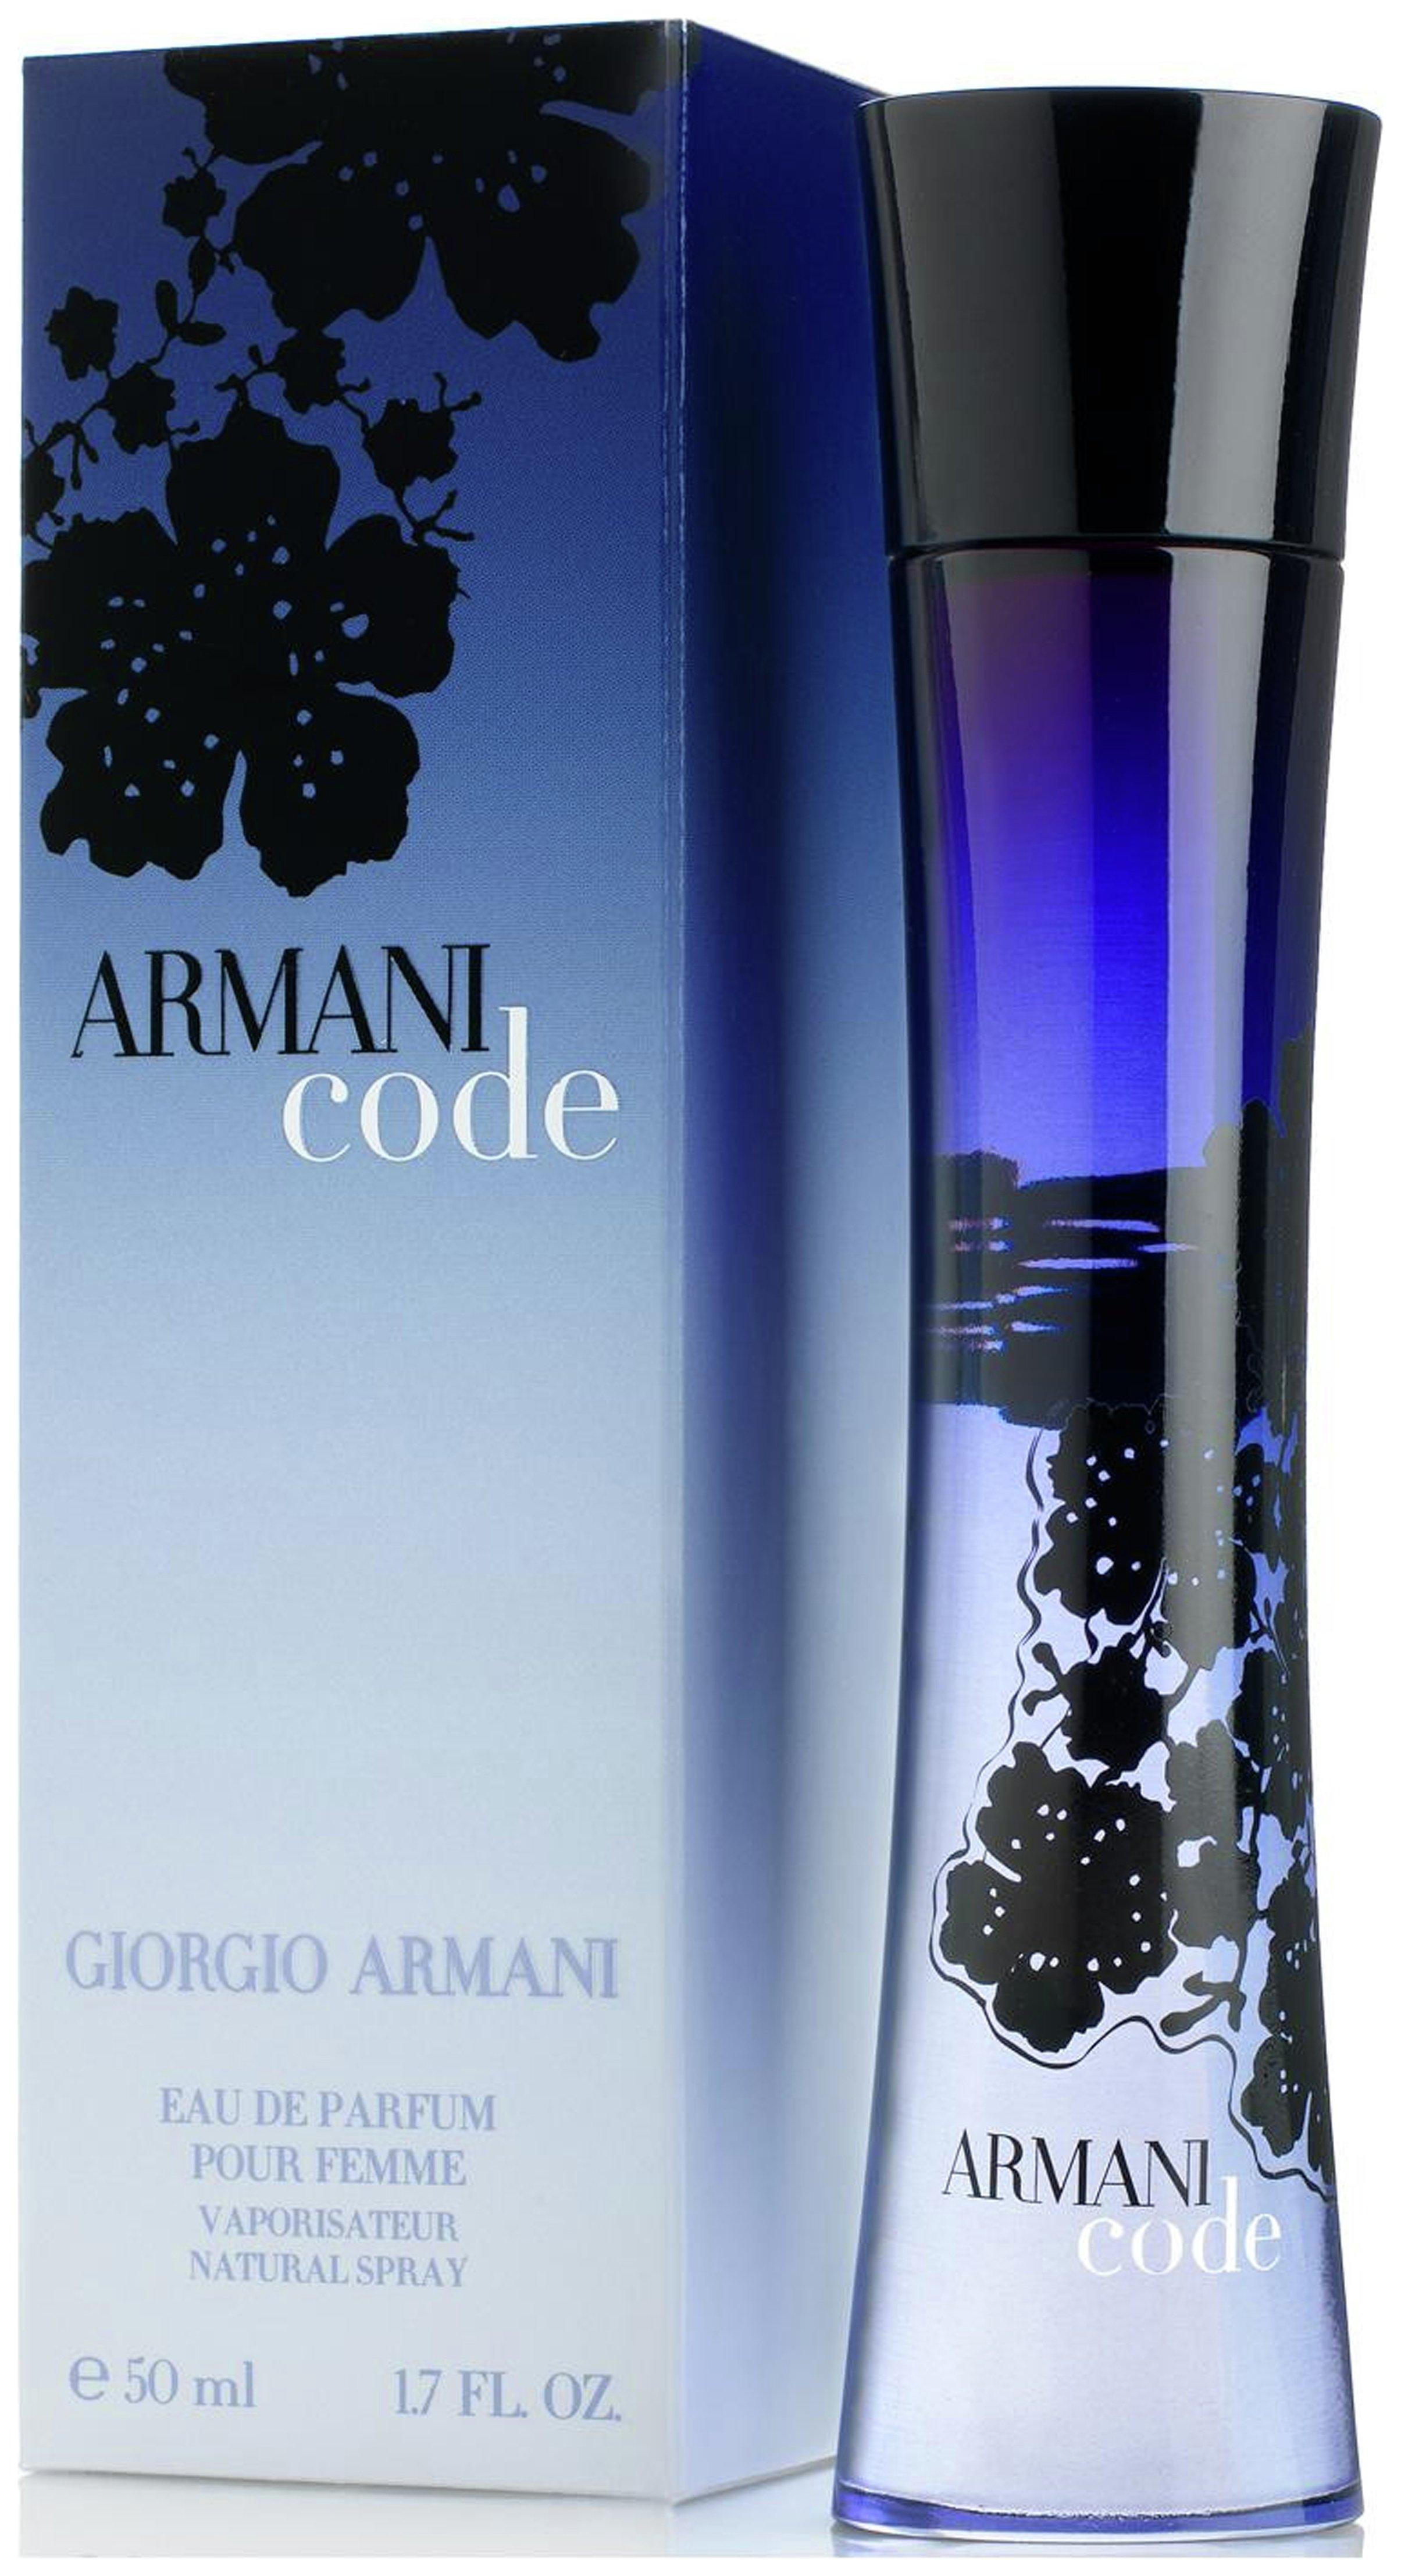 armani-code-eau-de-parfum-for-women-50ml